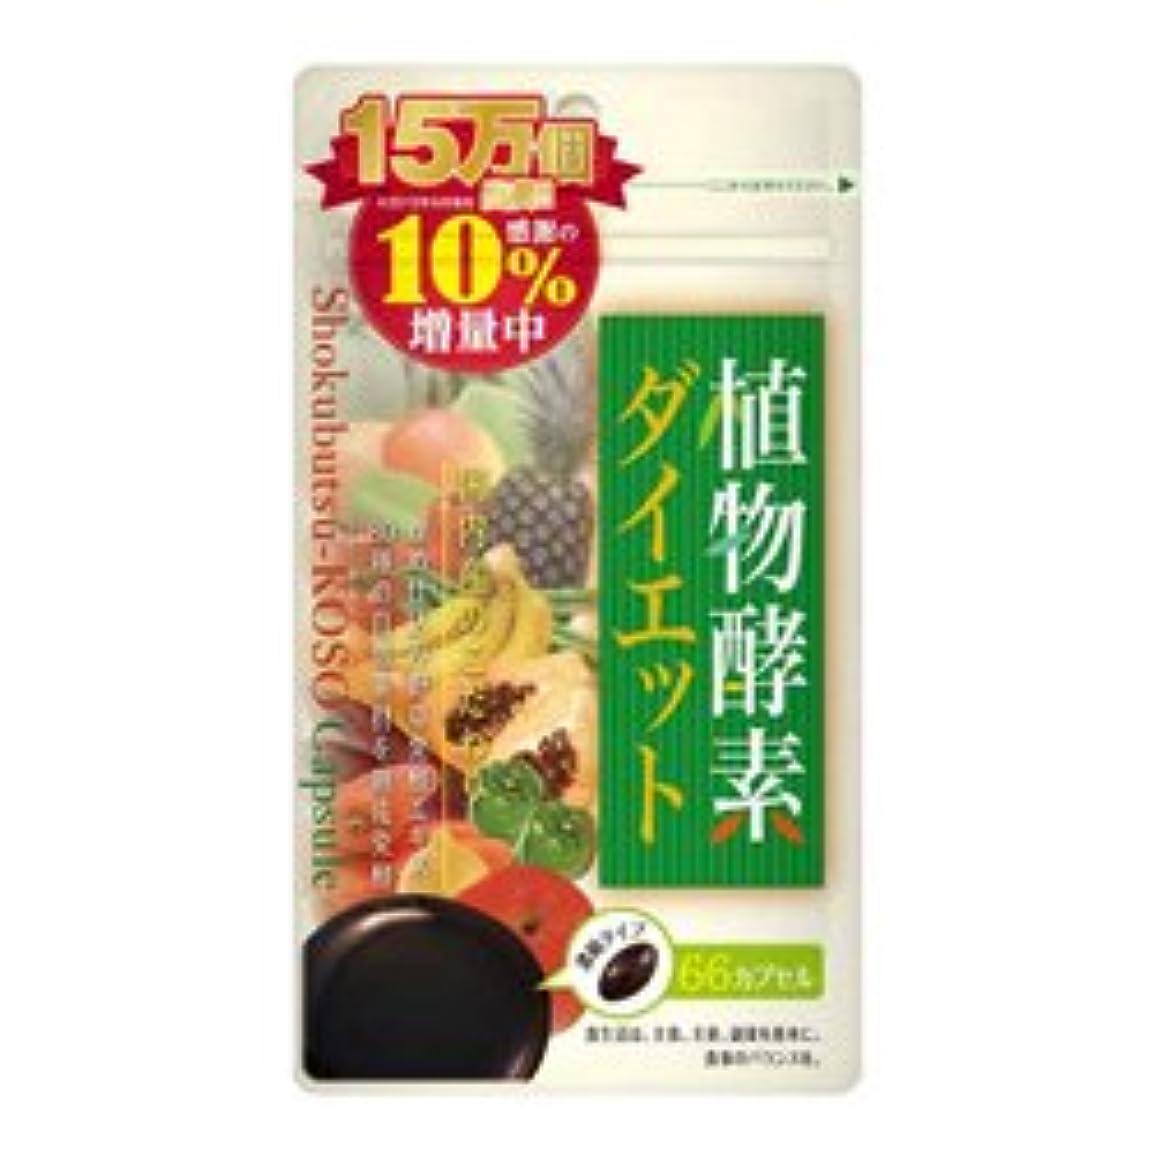 オッズ南極半島【ウエルネスジャパン】植物酵素ダイエット 66カプセル ×3個セット